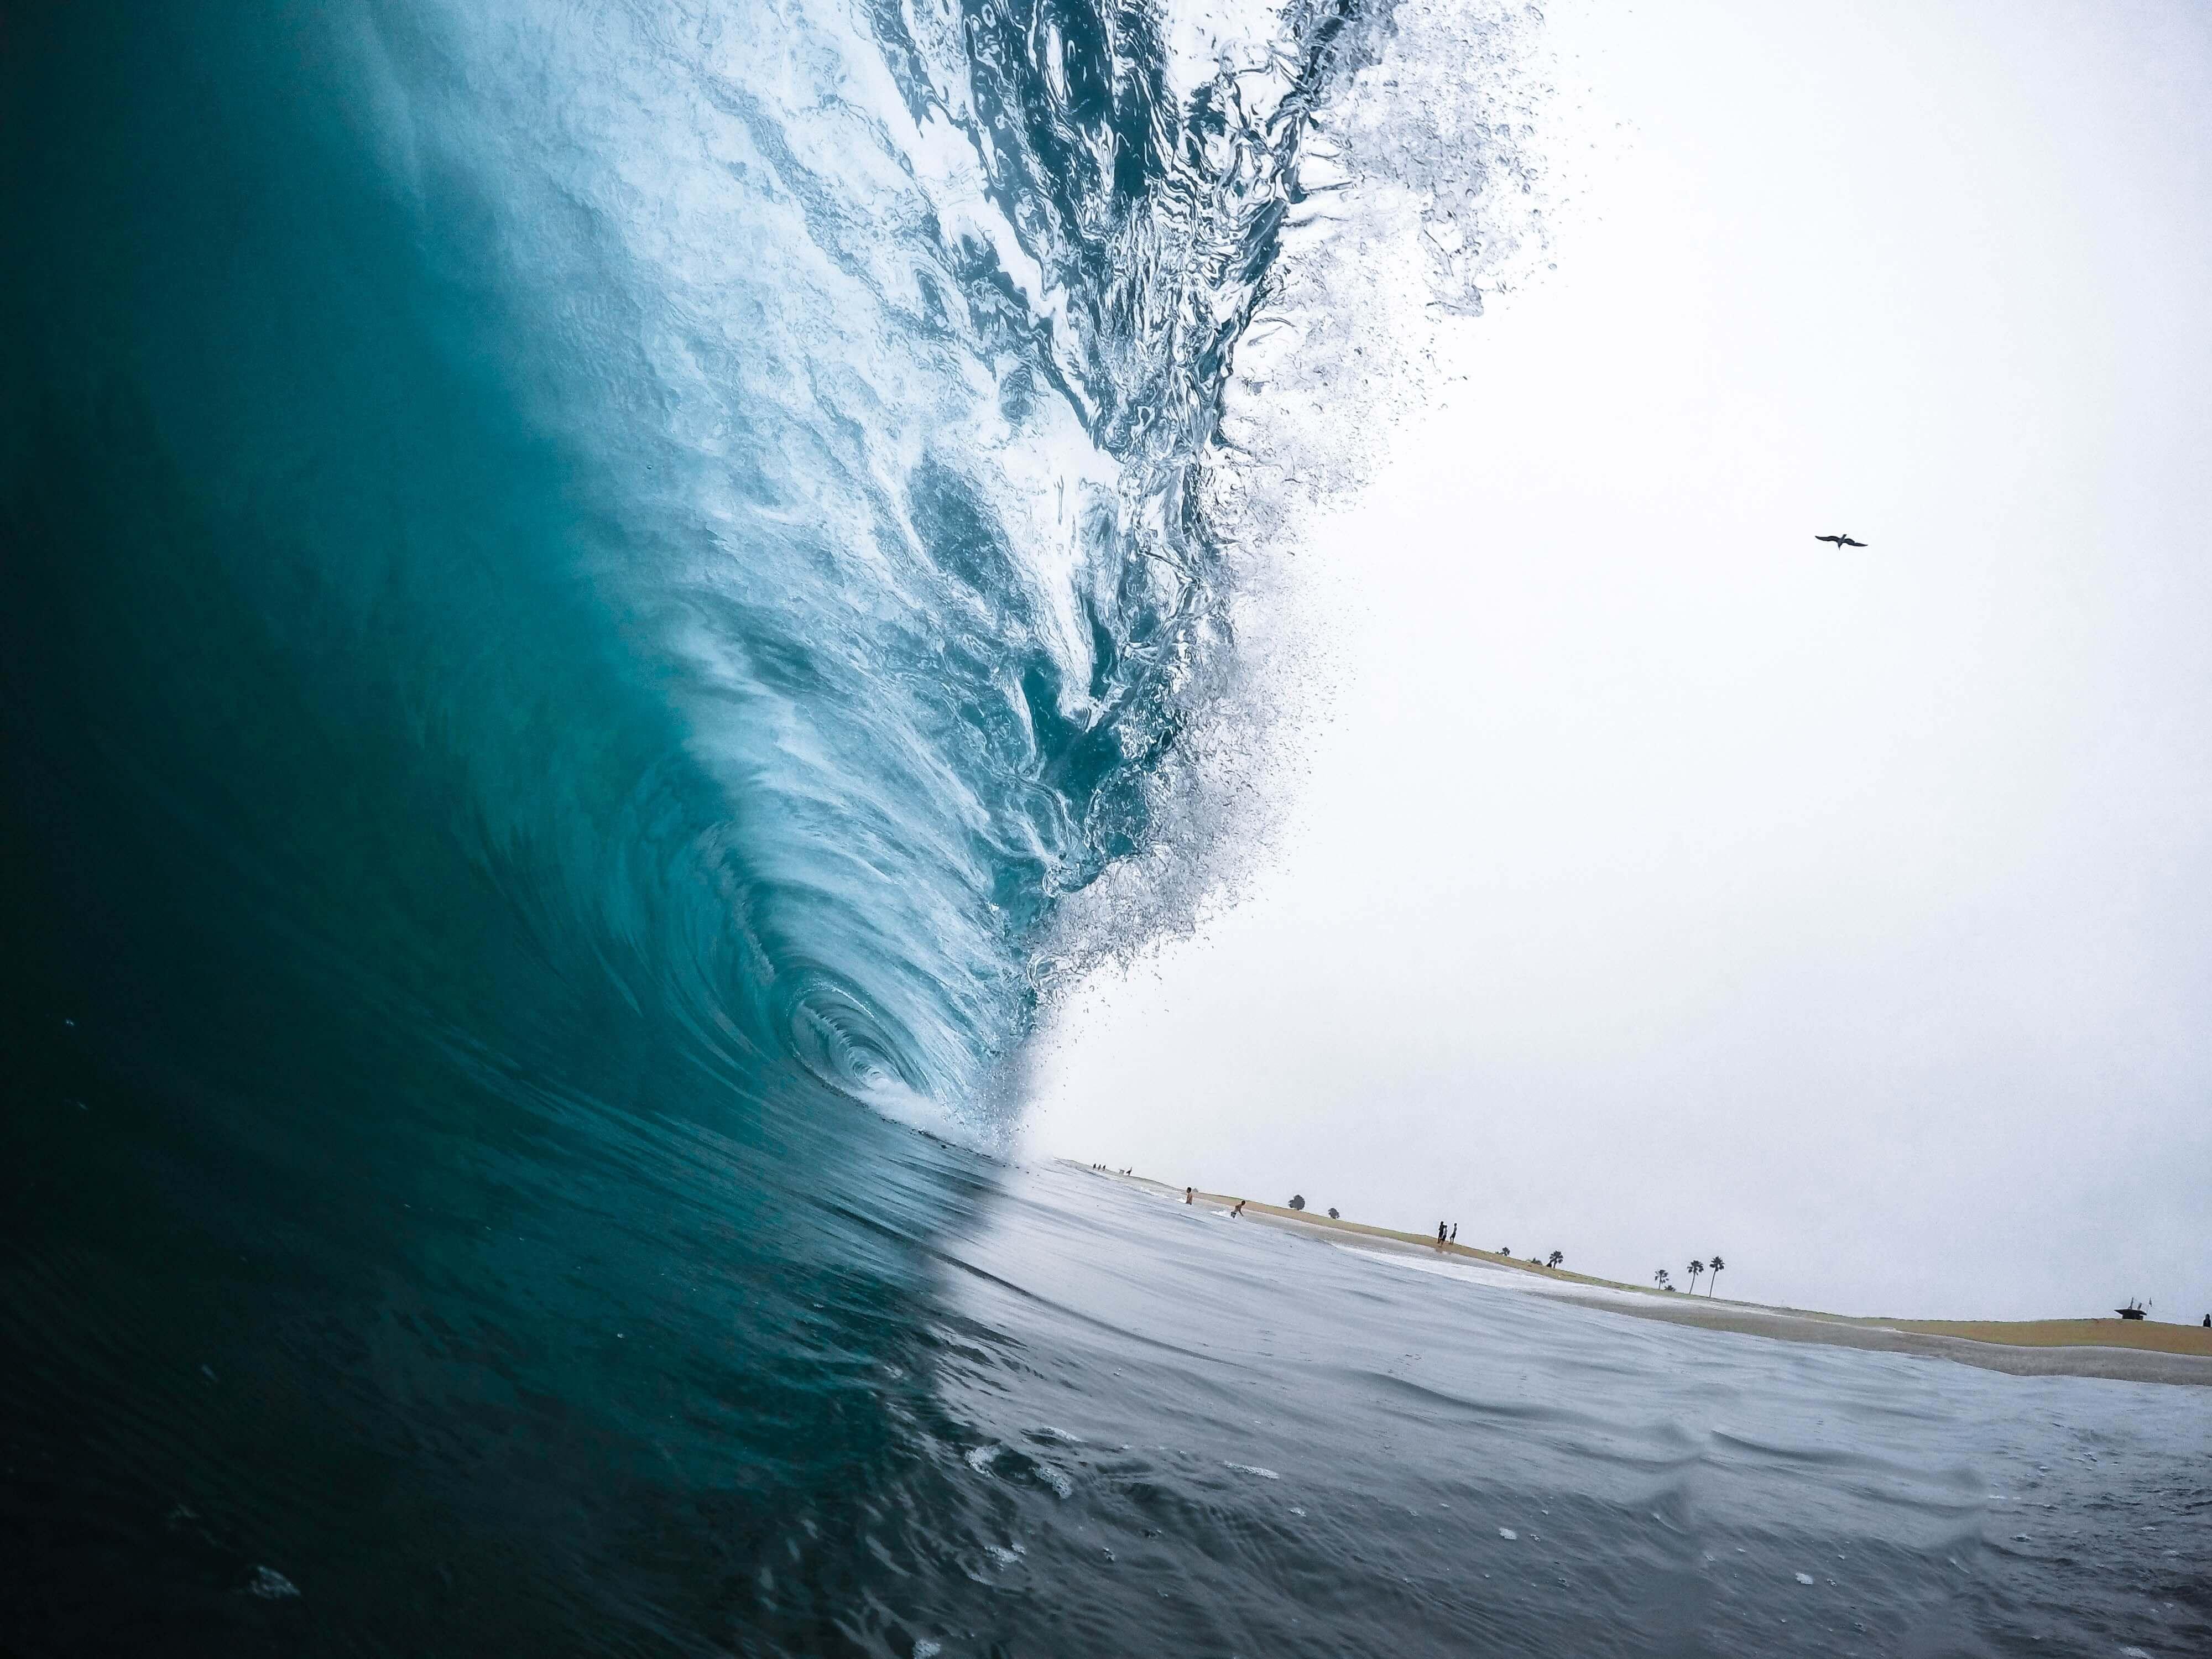 ダンパーの波